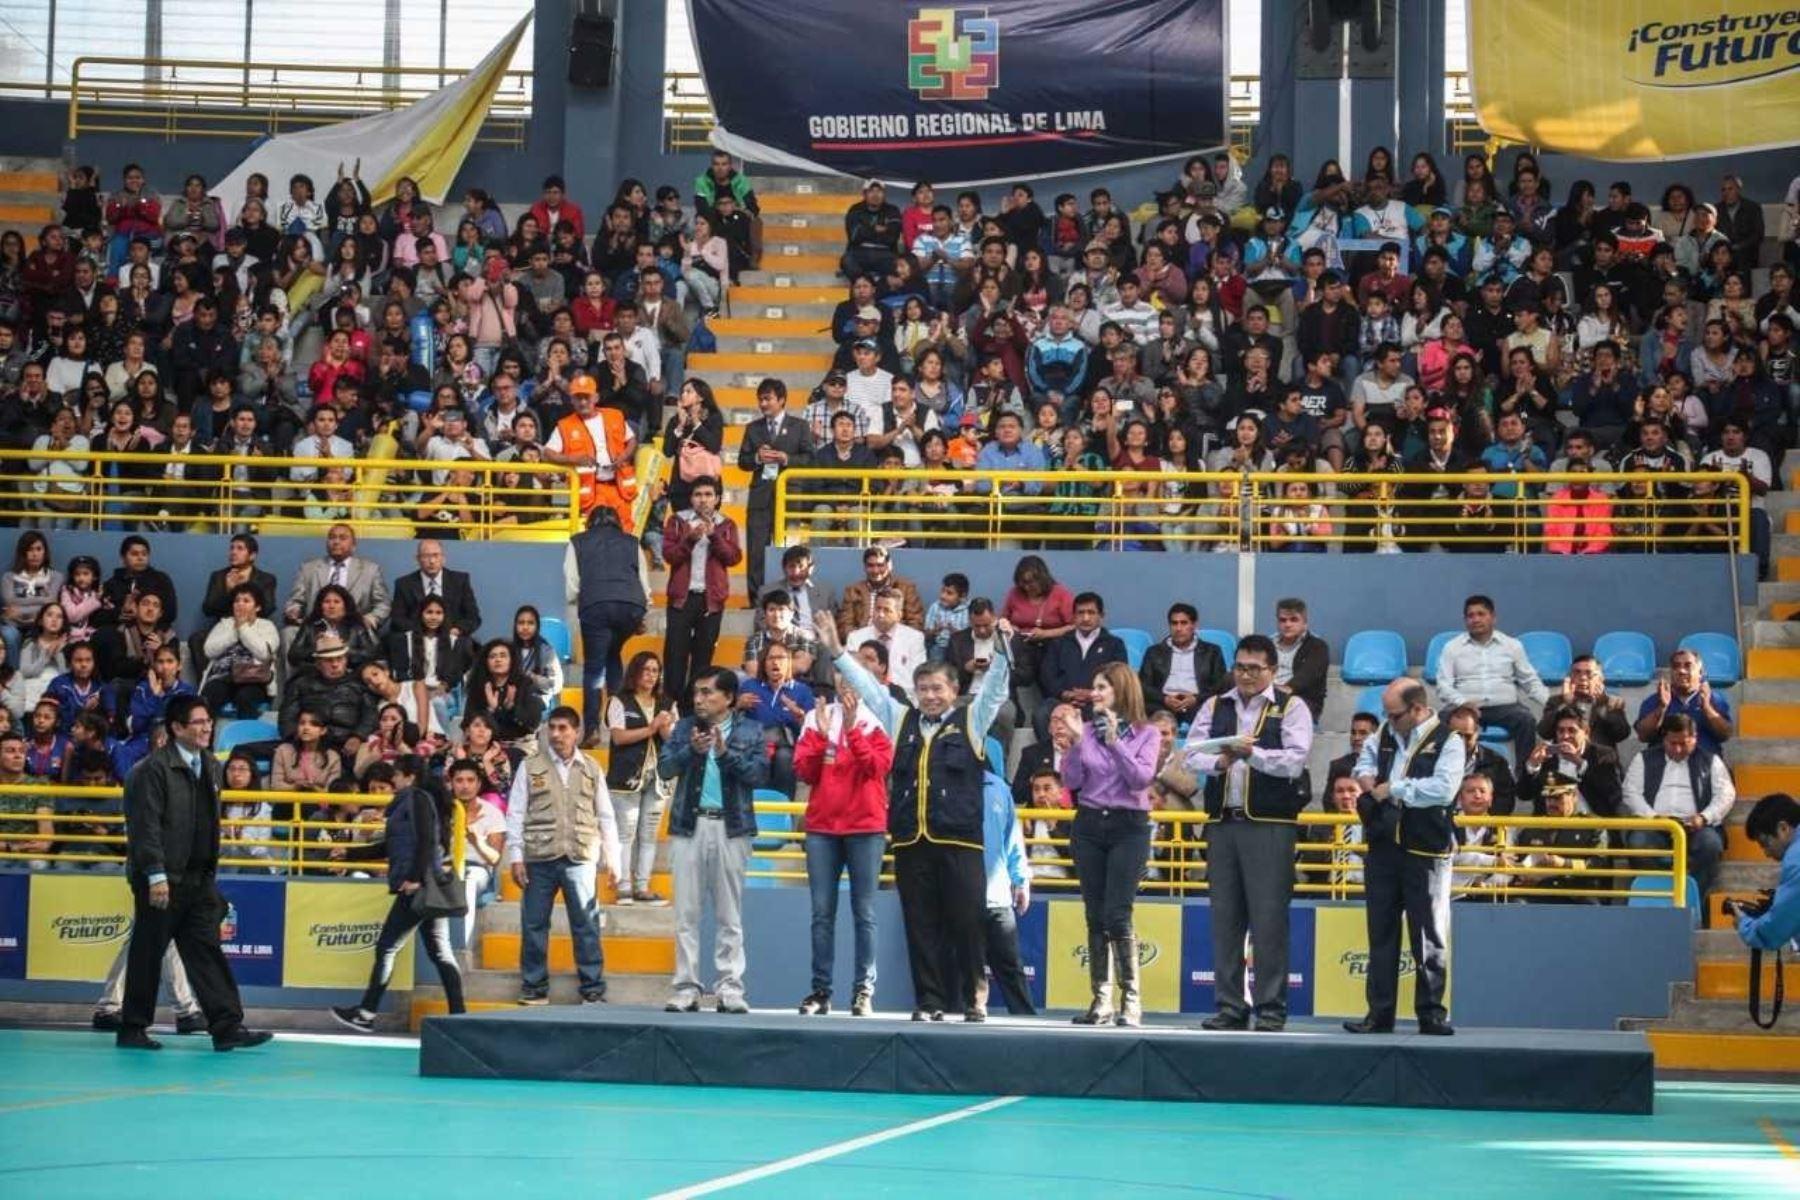 Gobernador regional de Lima, Nelson Chui Mejía, puso en funcionamiento moderna infraestructura del Coliseo Cerrado de Barranca.Asistió la vicepresidenta de la República, Mercedes Aráoz, así como la destacada deportista Natalia Málaga.